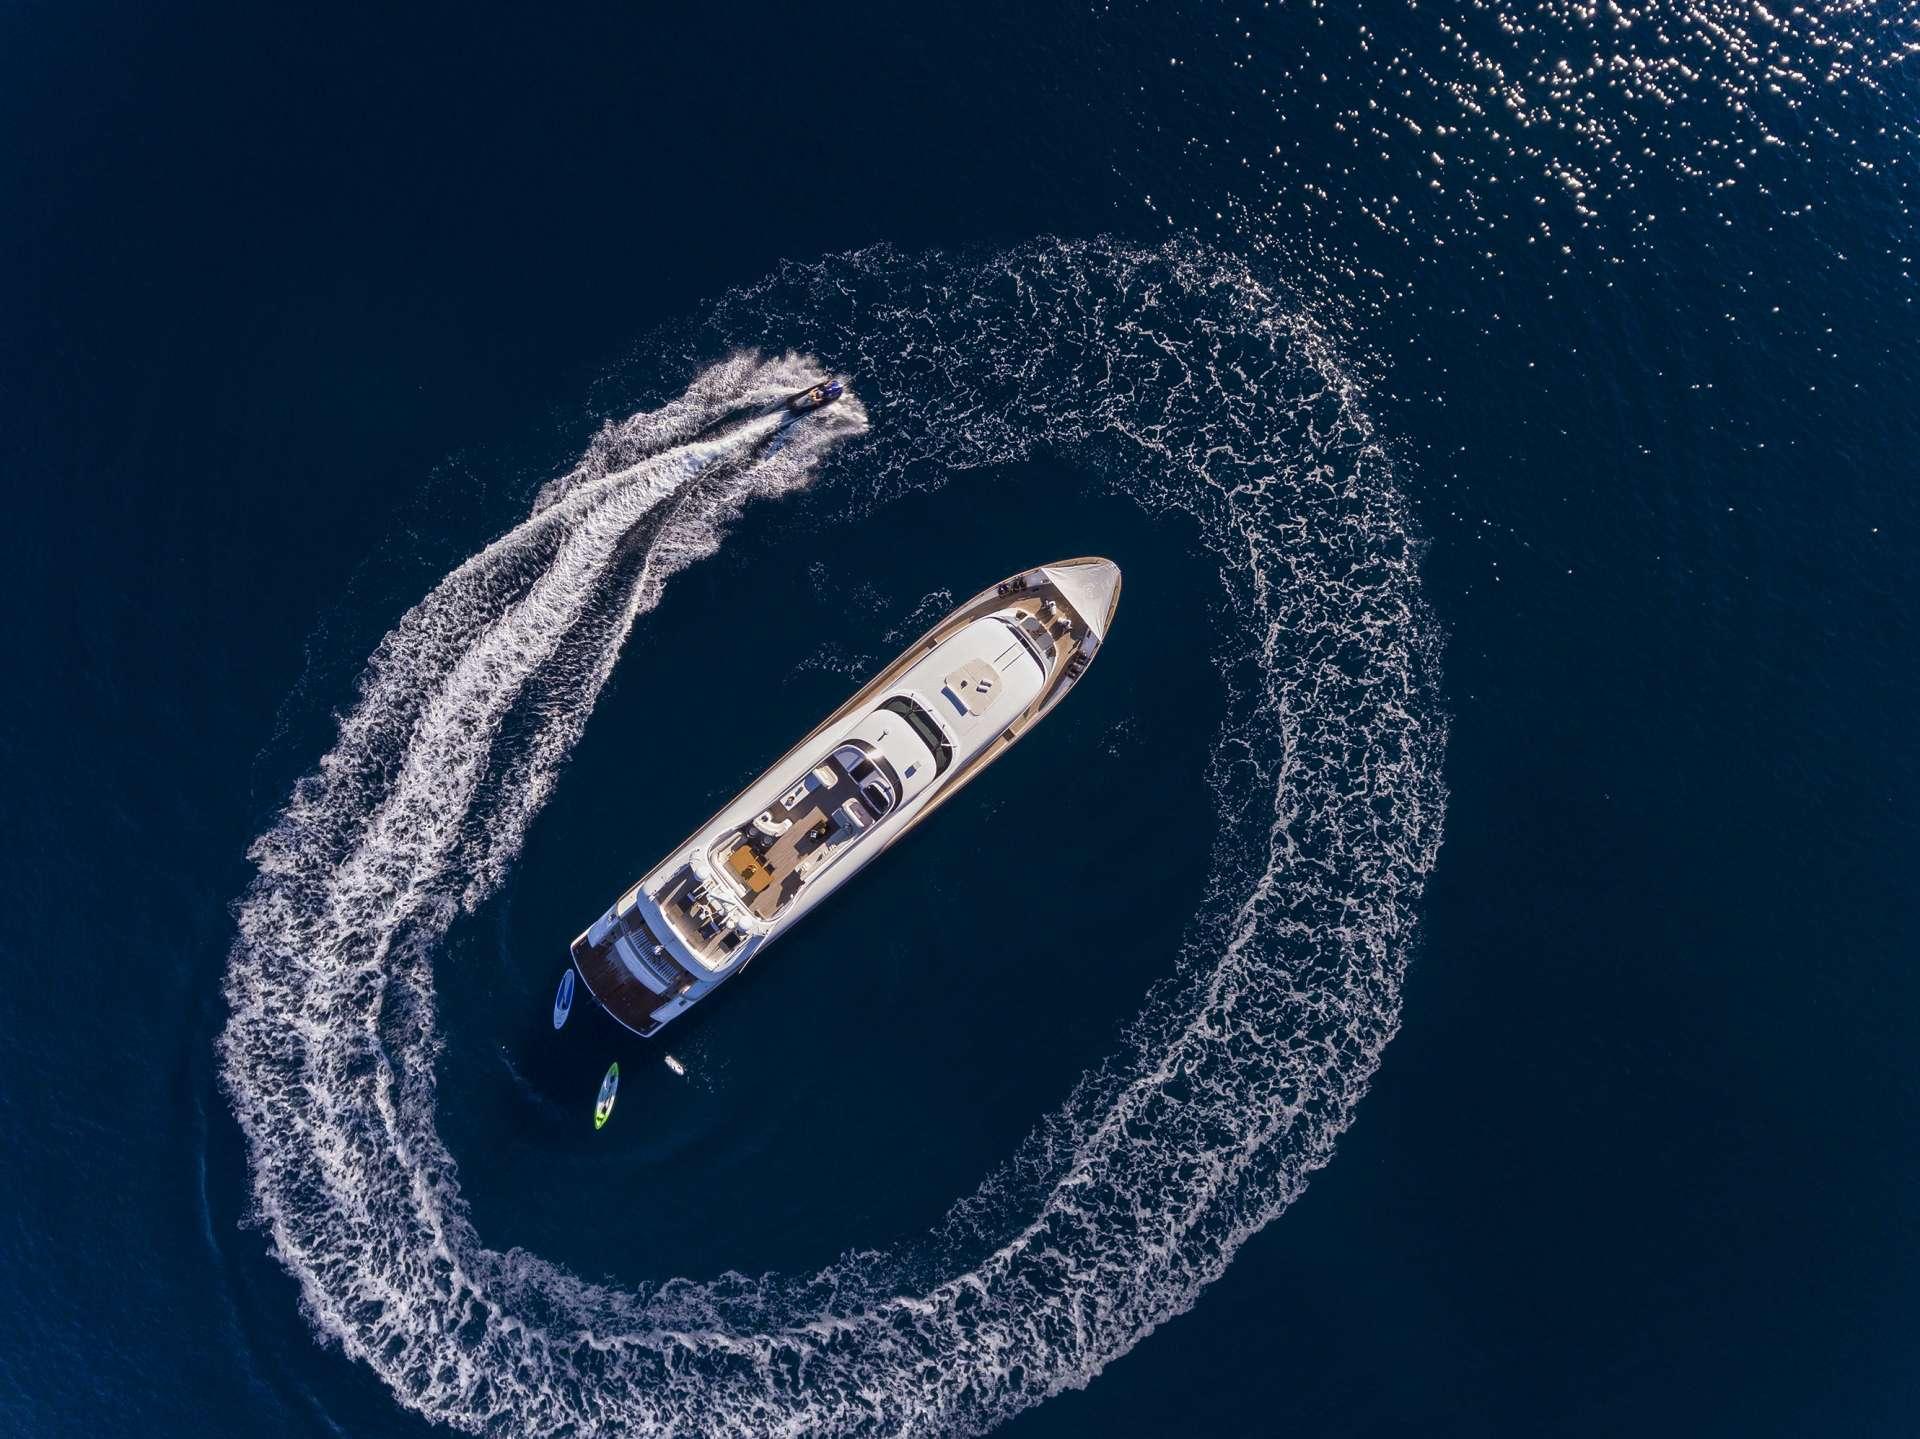 Motor Yacht 'PARIS A' Aerial view, 12 PAX, 6 Crew, 115.00 Ft, 35.06 Meters, Built 2009, Majora, Refit Year 2013